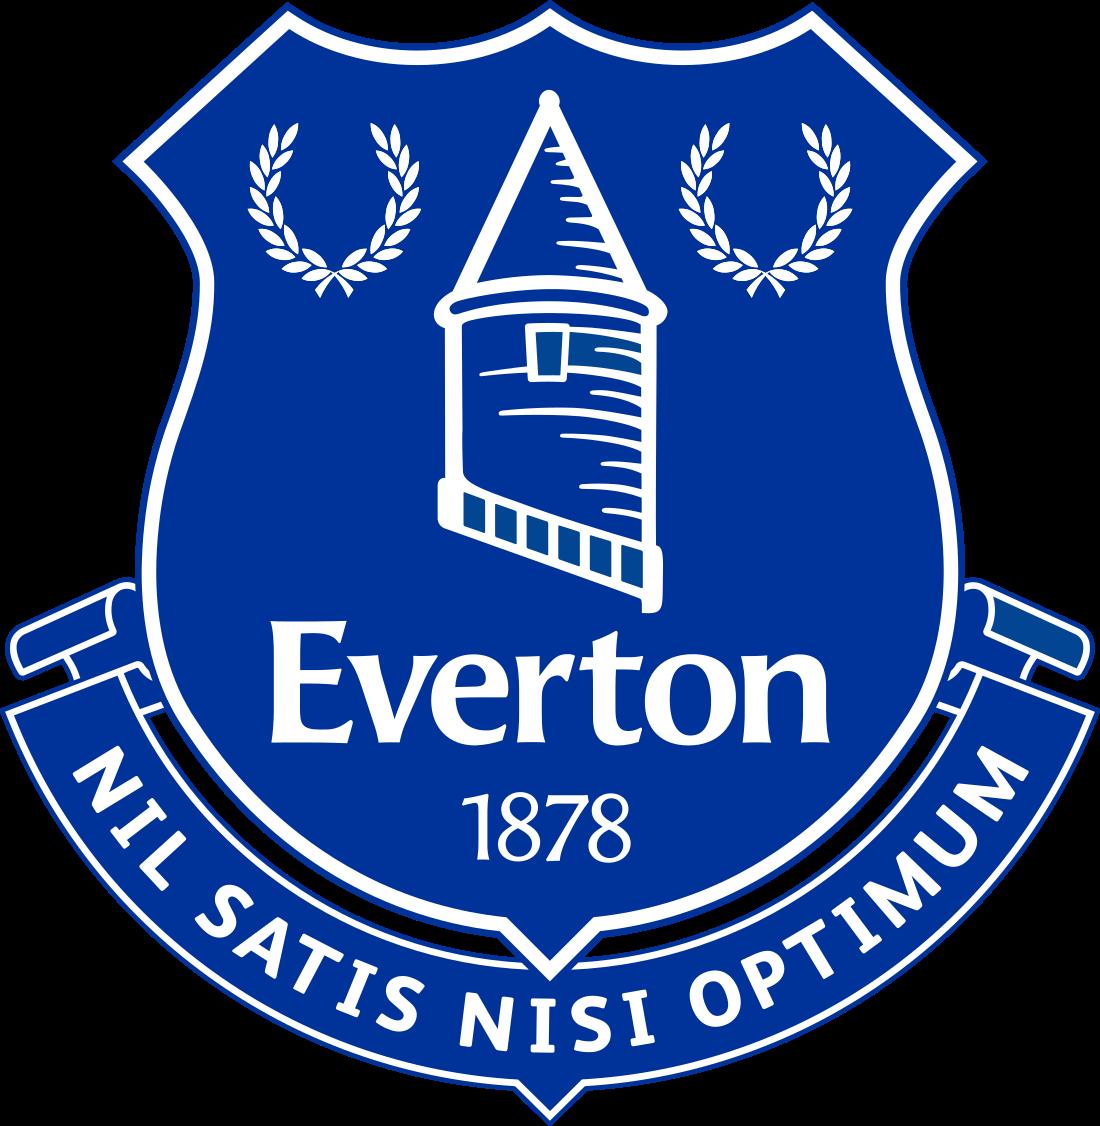 everton logo escudo 3 - Everton FC Logo